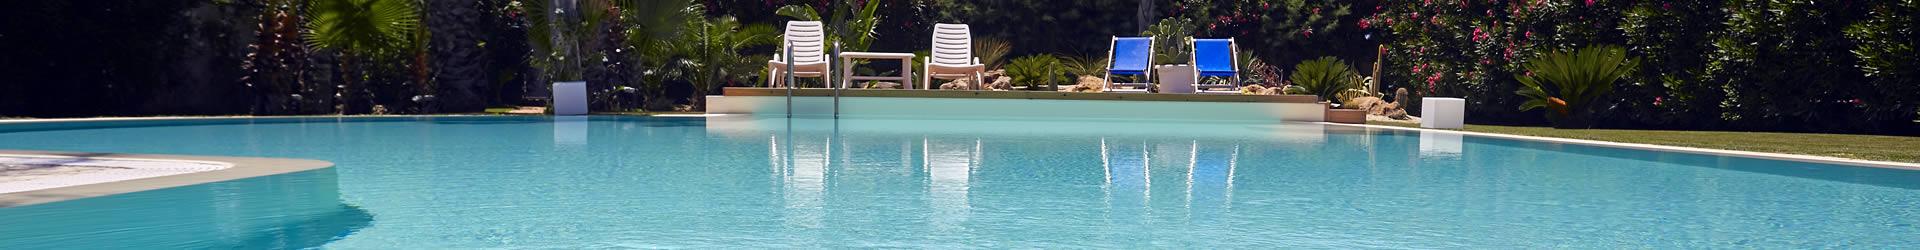 sicily villas with pool